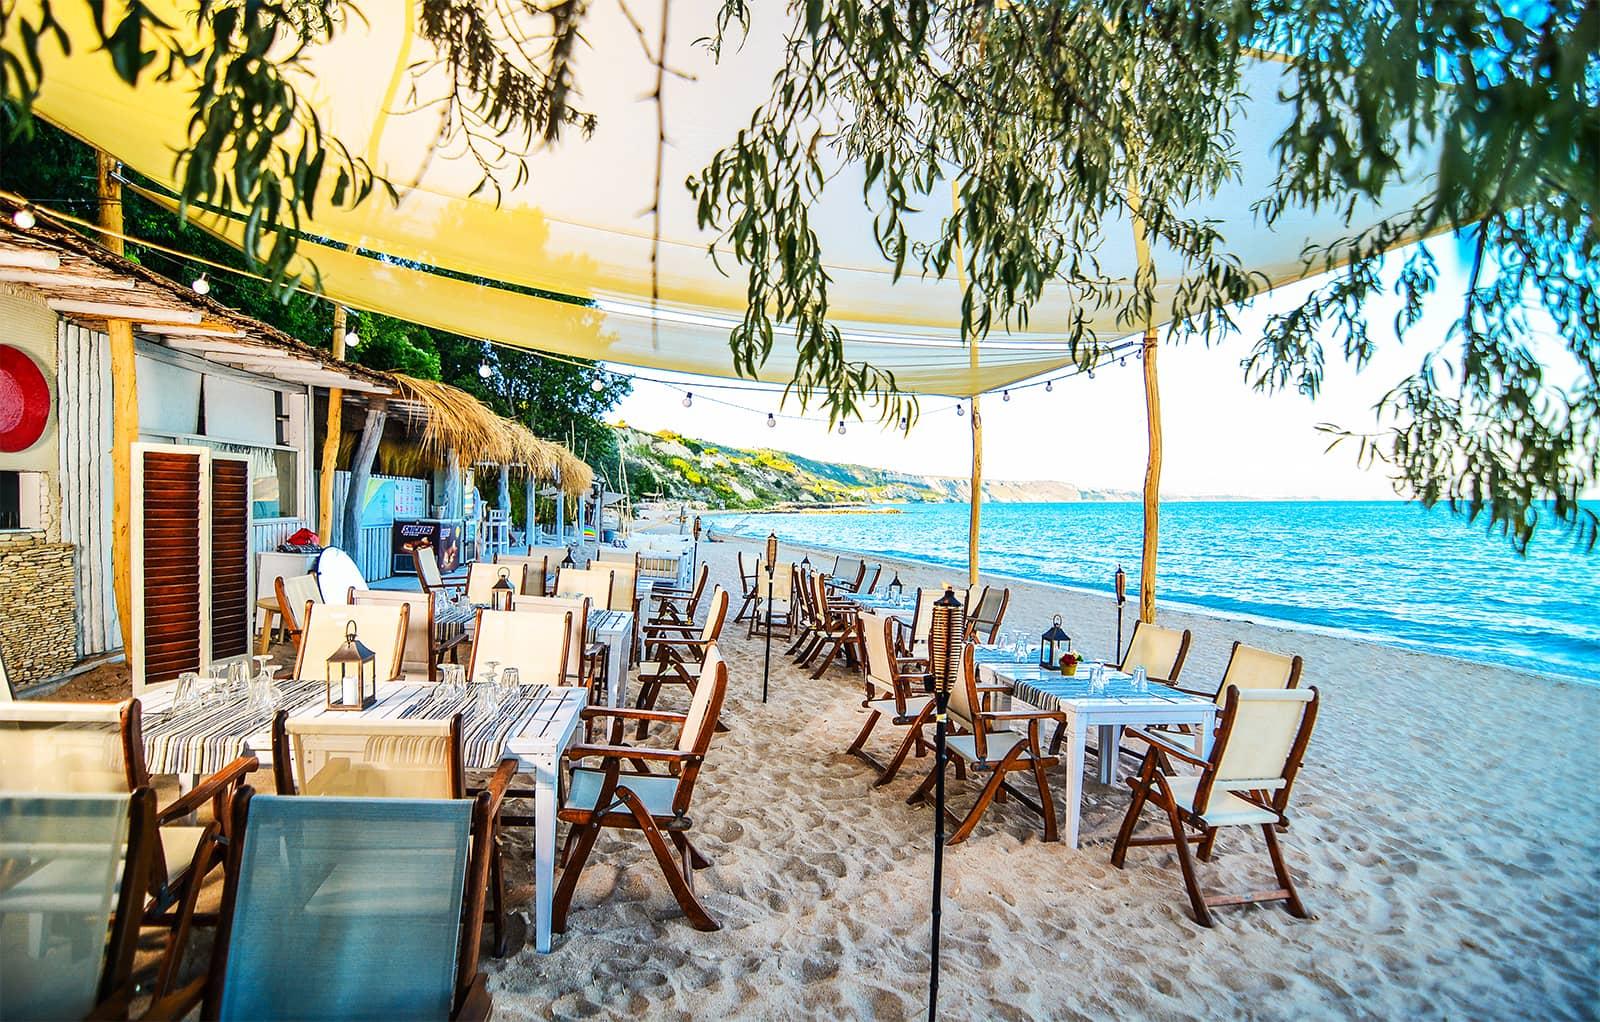 Golf-Gruppenreise-Bulgarien-Thracian-Cliffs-Reisebericht-Thracian-Cliffs-Argata-Beach-Restaurant